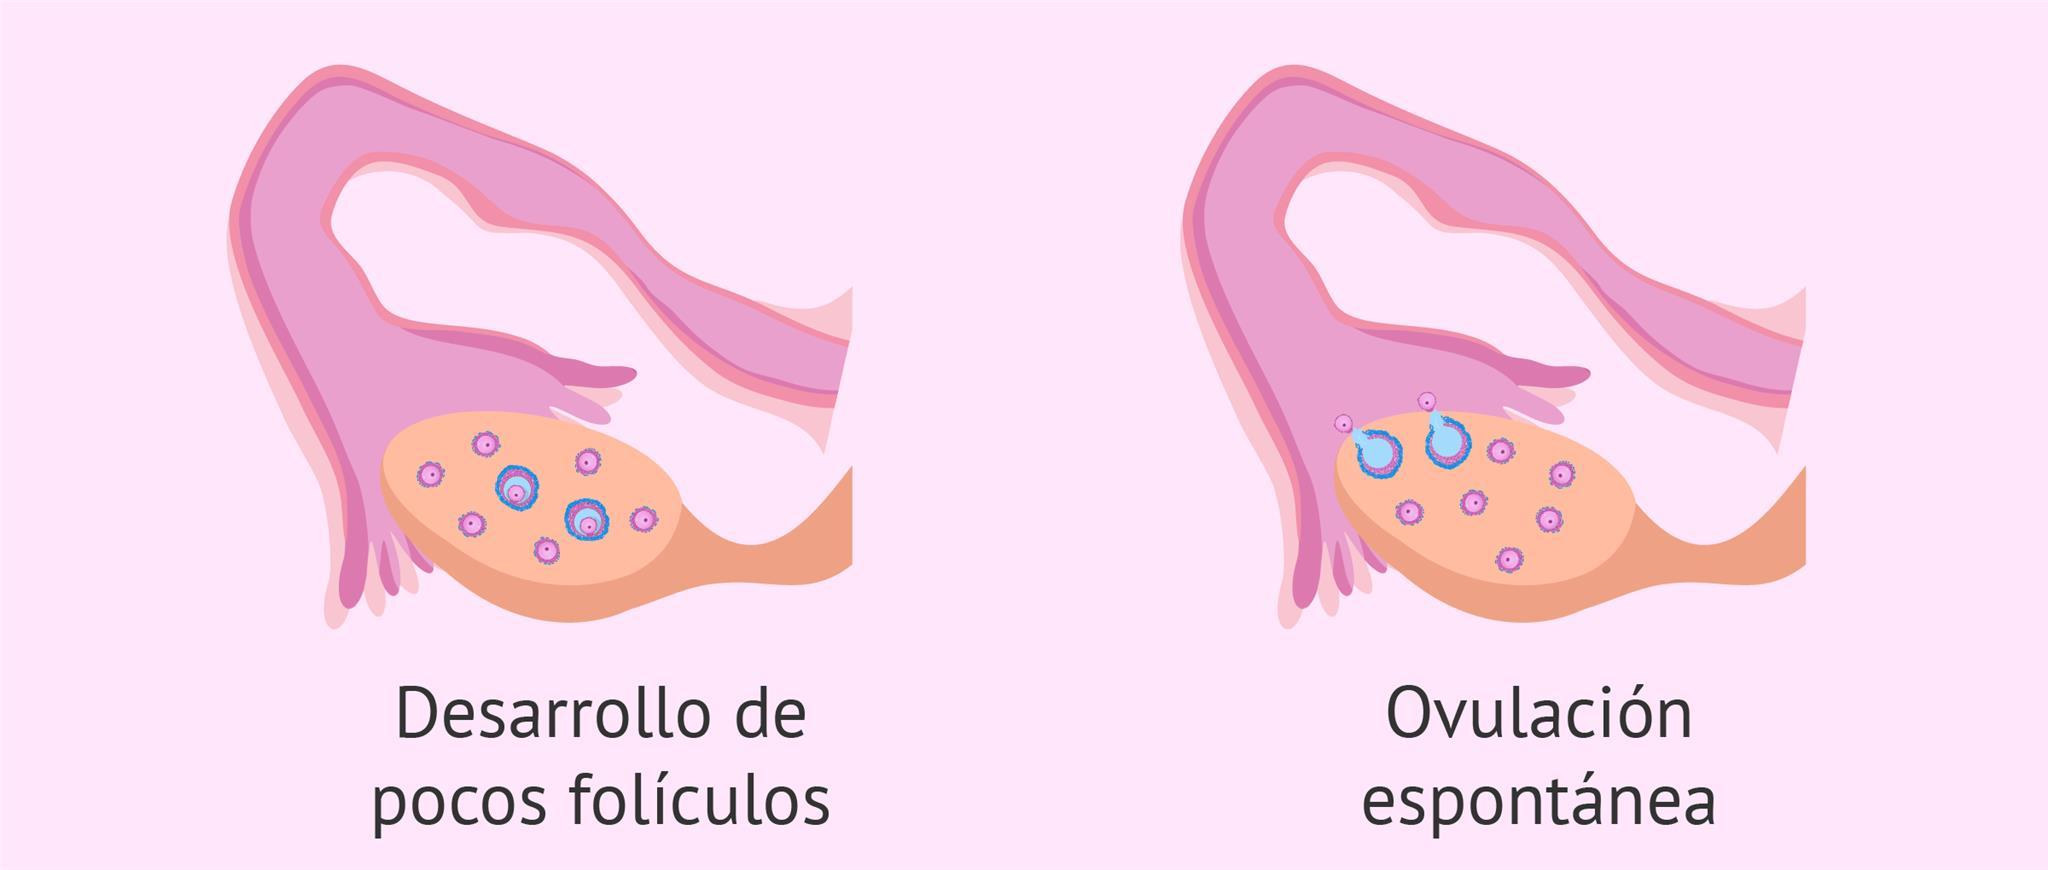 Mala respuesta a la estimulación ovárica